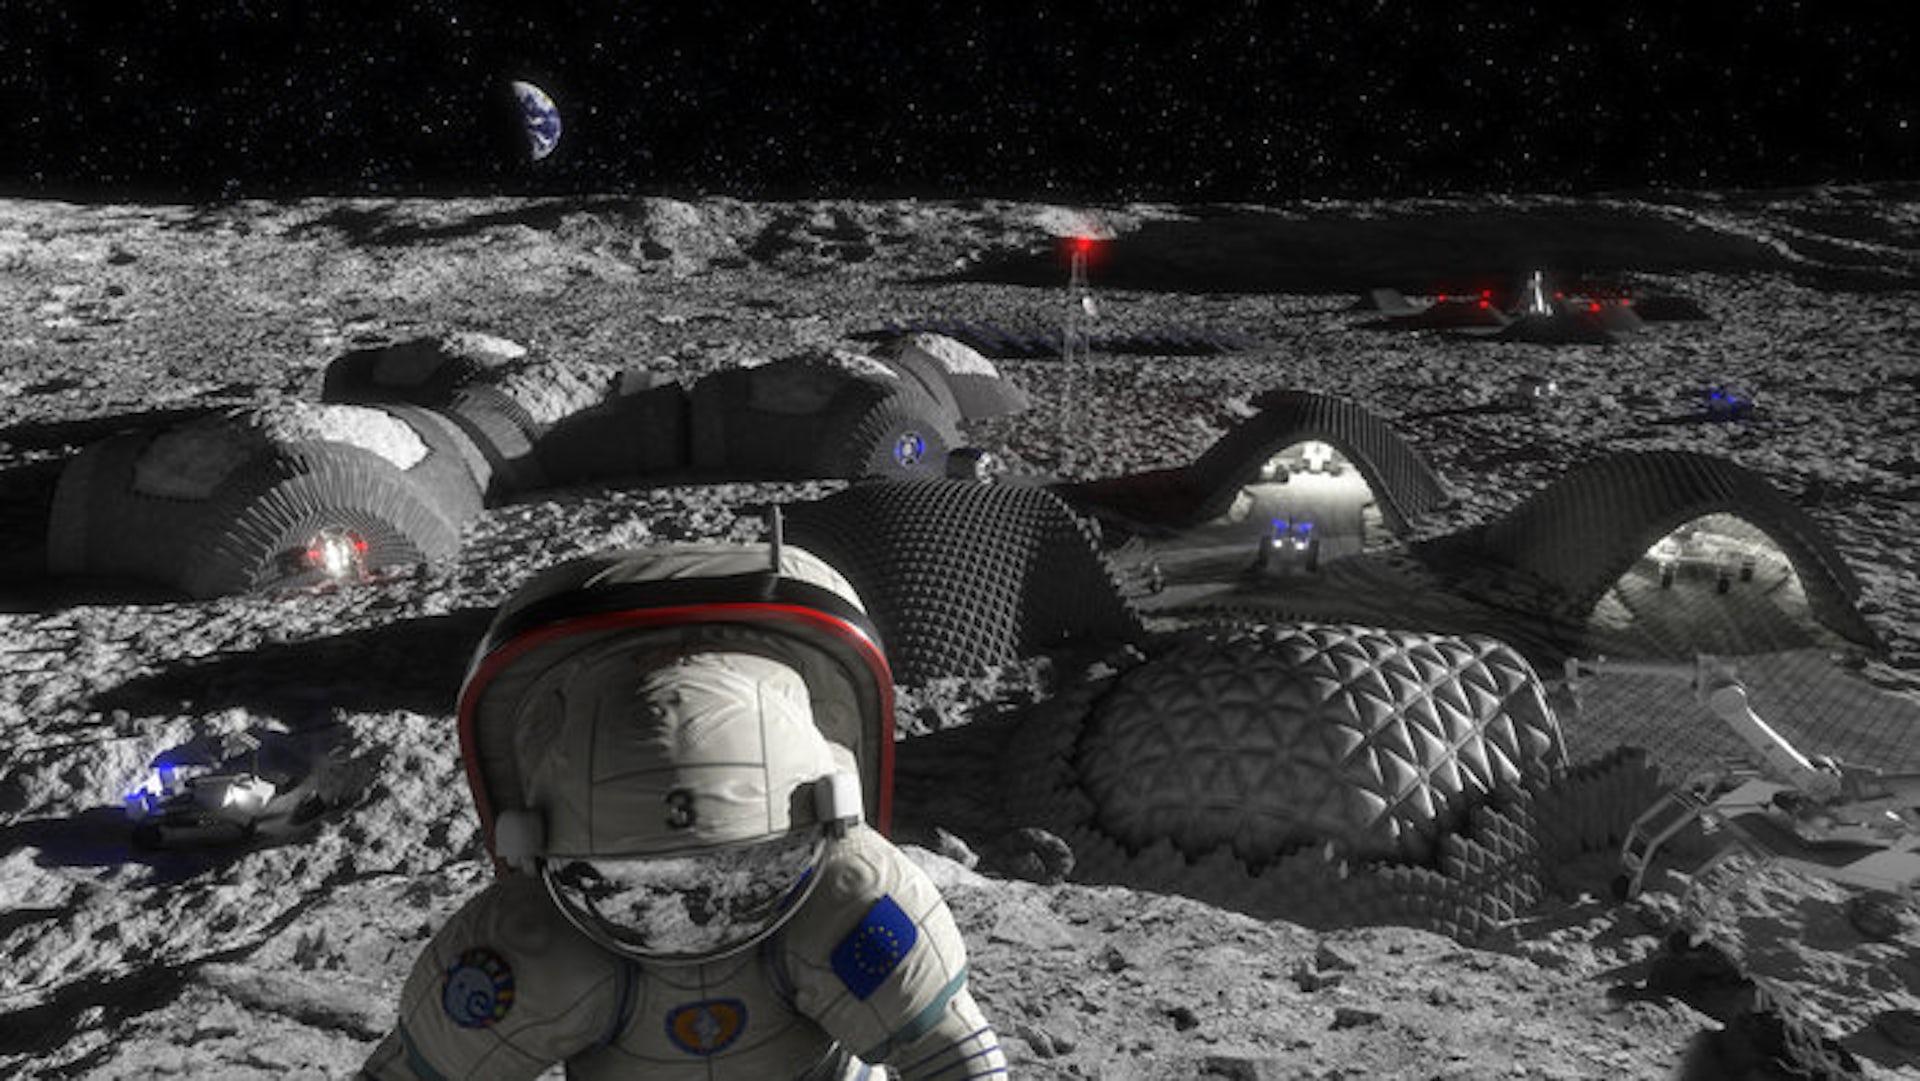 Construire une base lunaire avec une imprimante 3D et des os